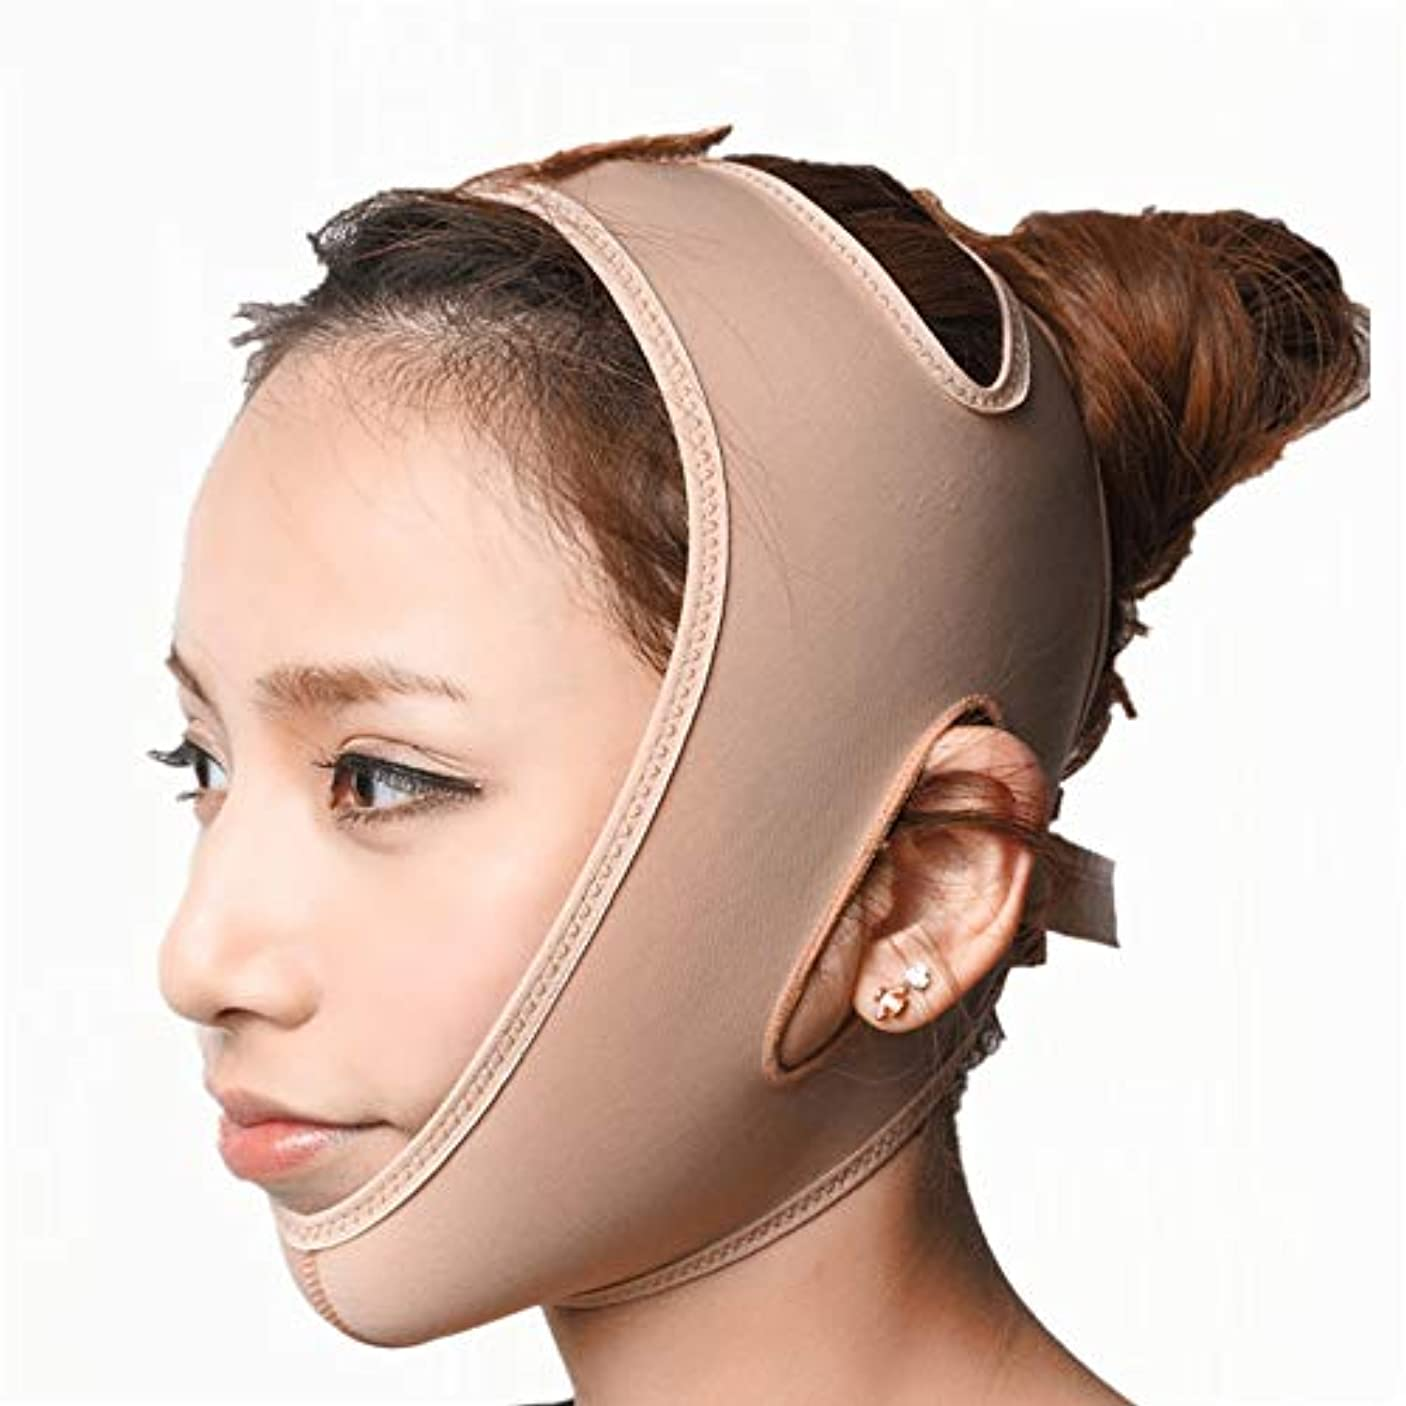 ウェーハ特別に思われるBS 顔の持ち上がる痩身ベルト - アンチエイジングリンクルフェイスマスクベルトシンフェイス包帯整形マスクは顔と首を締めますフェイススリム フェイスリフティングアーティファクト (Size : L)